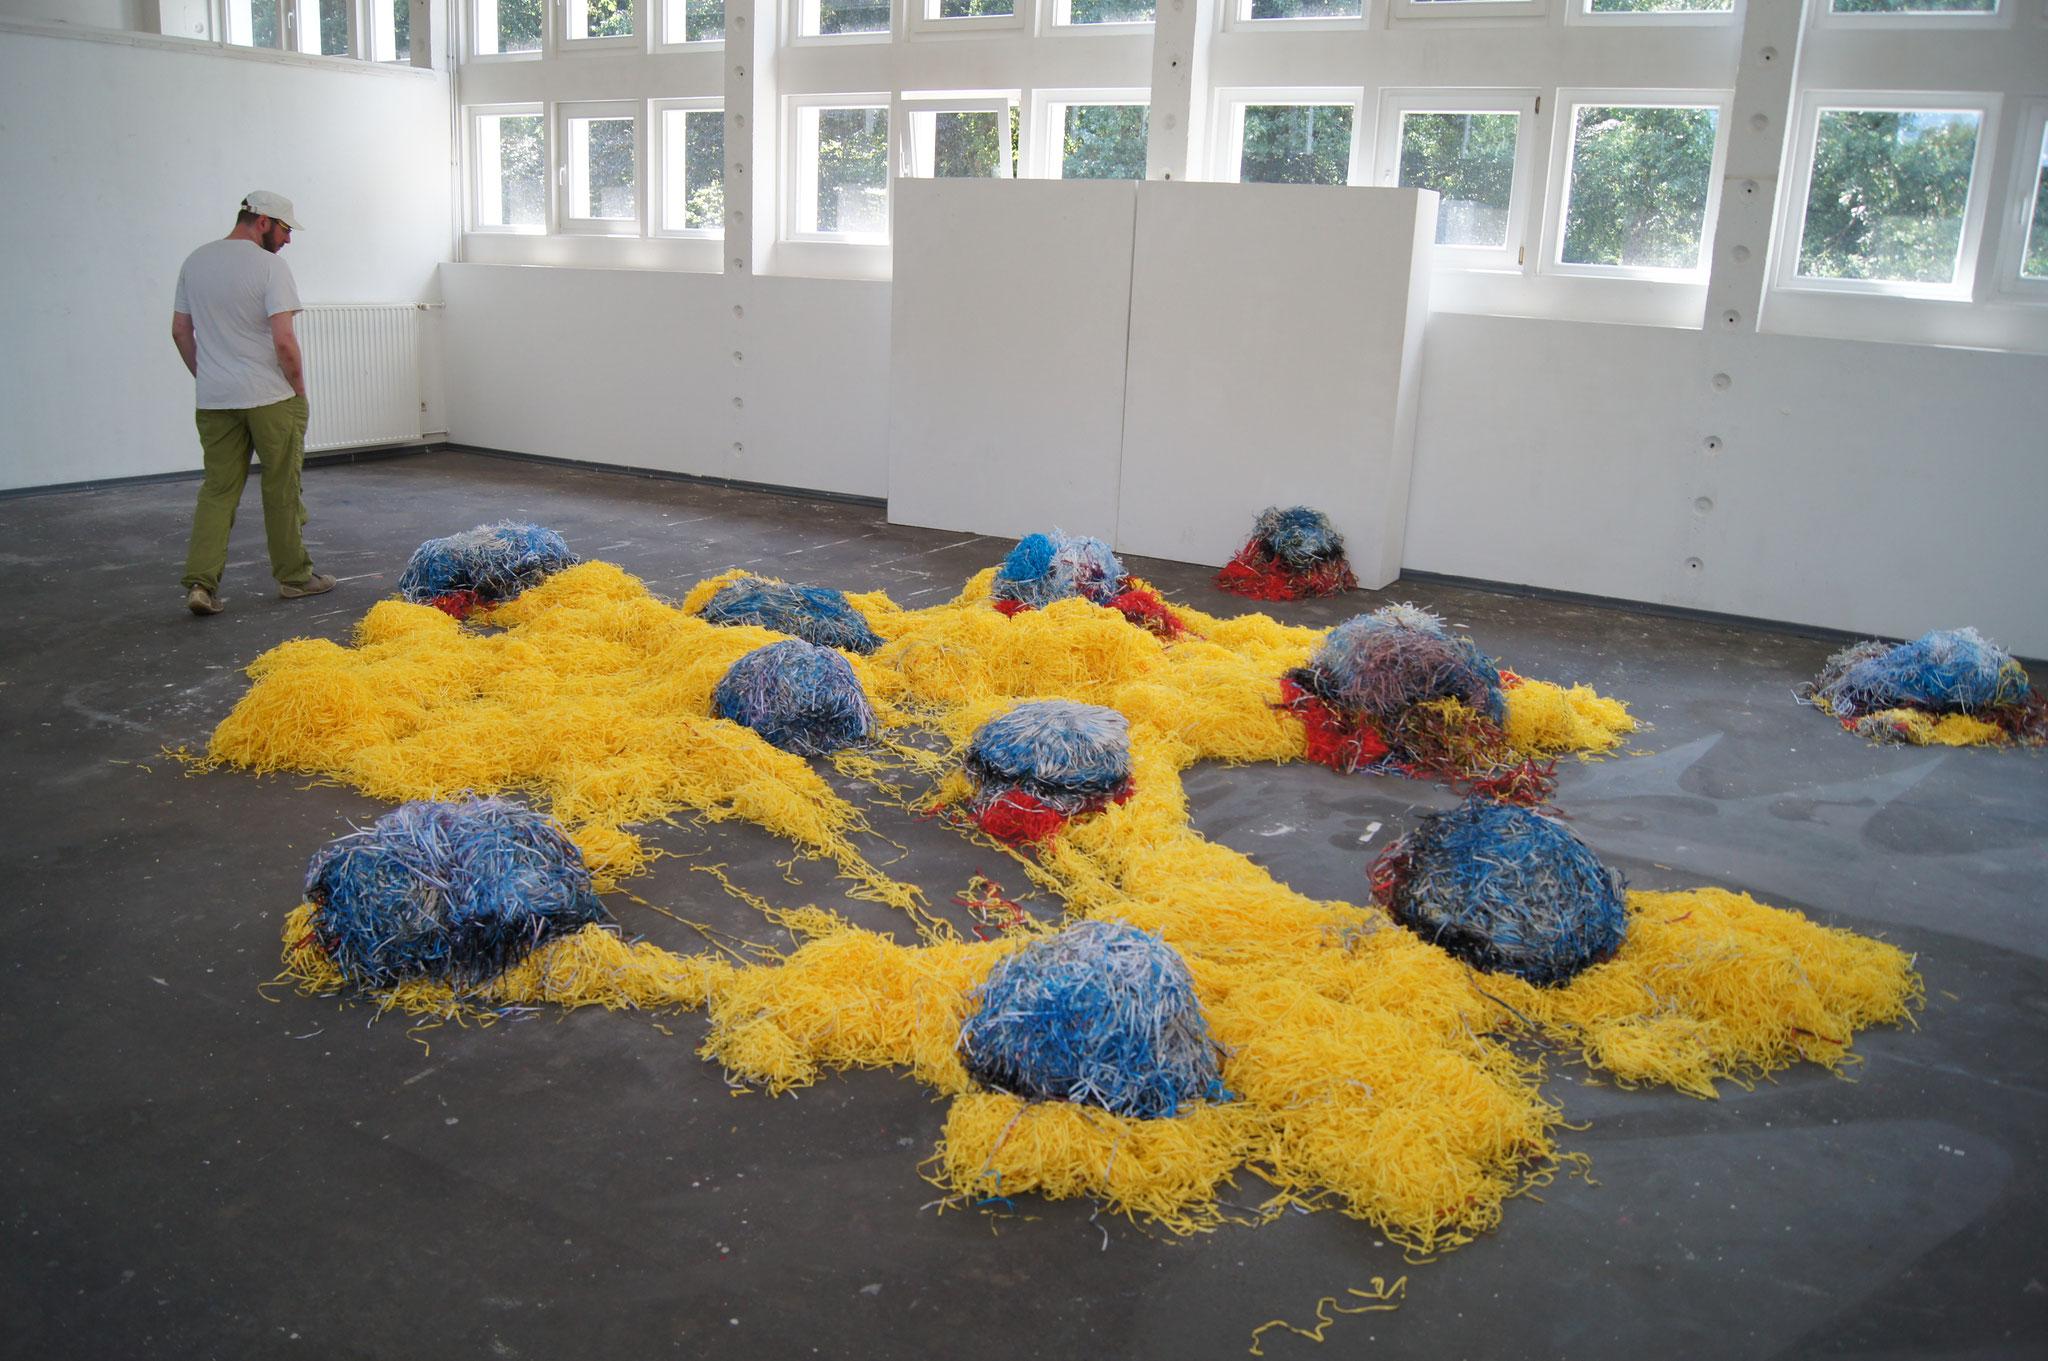 hairy field 2, Ausstellungsansicht Sommerfest Schloss Wiepersdorf, 2018